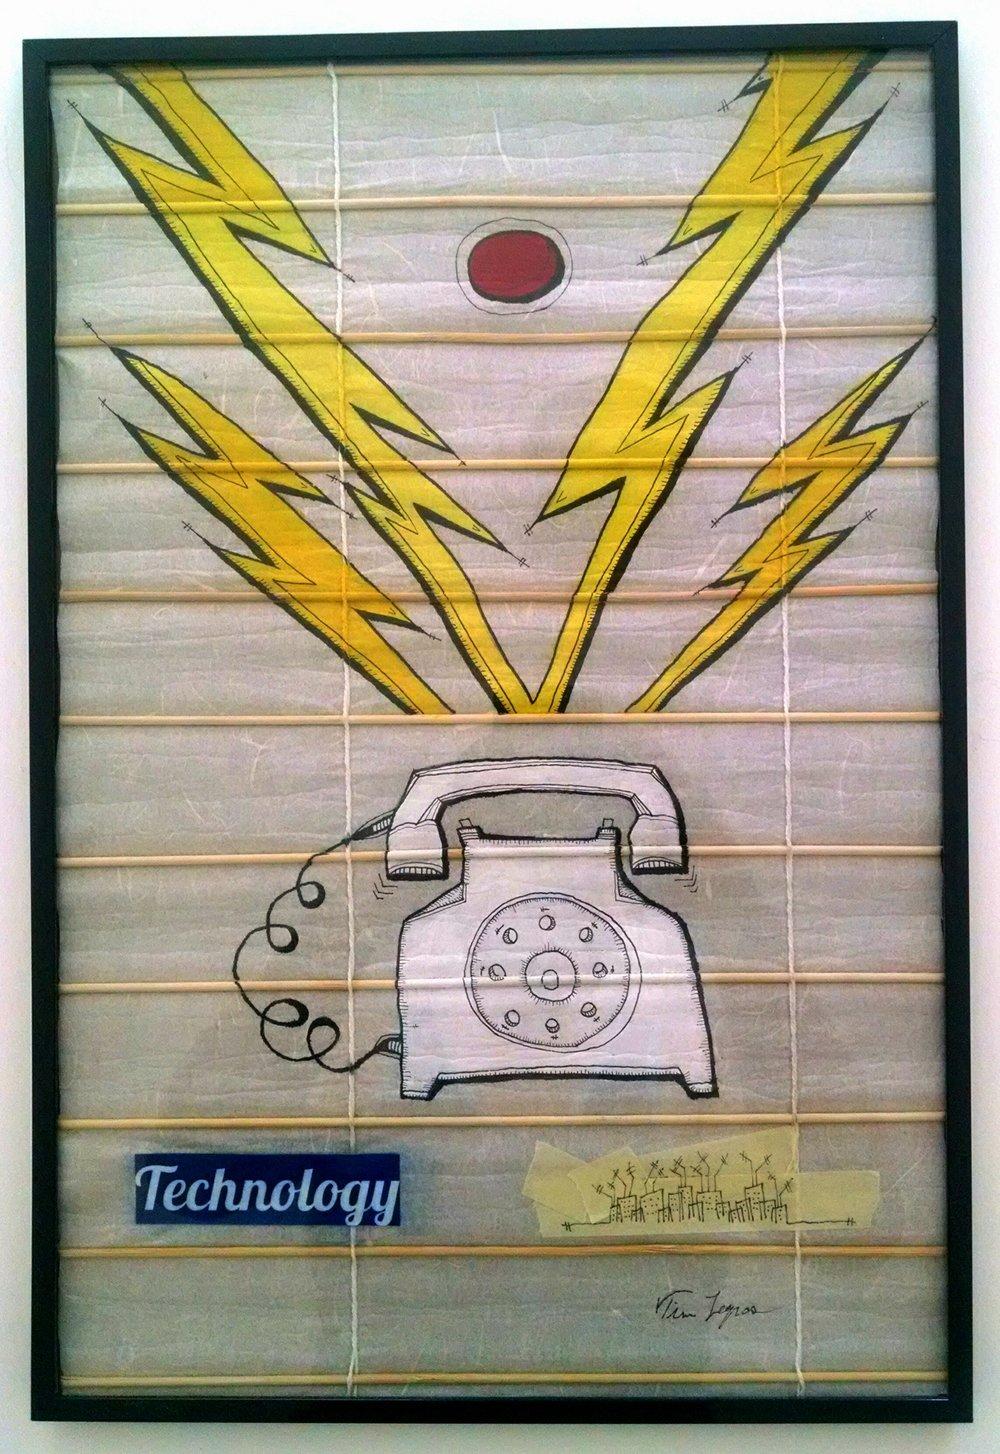 technology.jpg